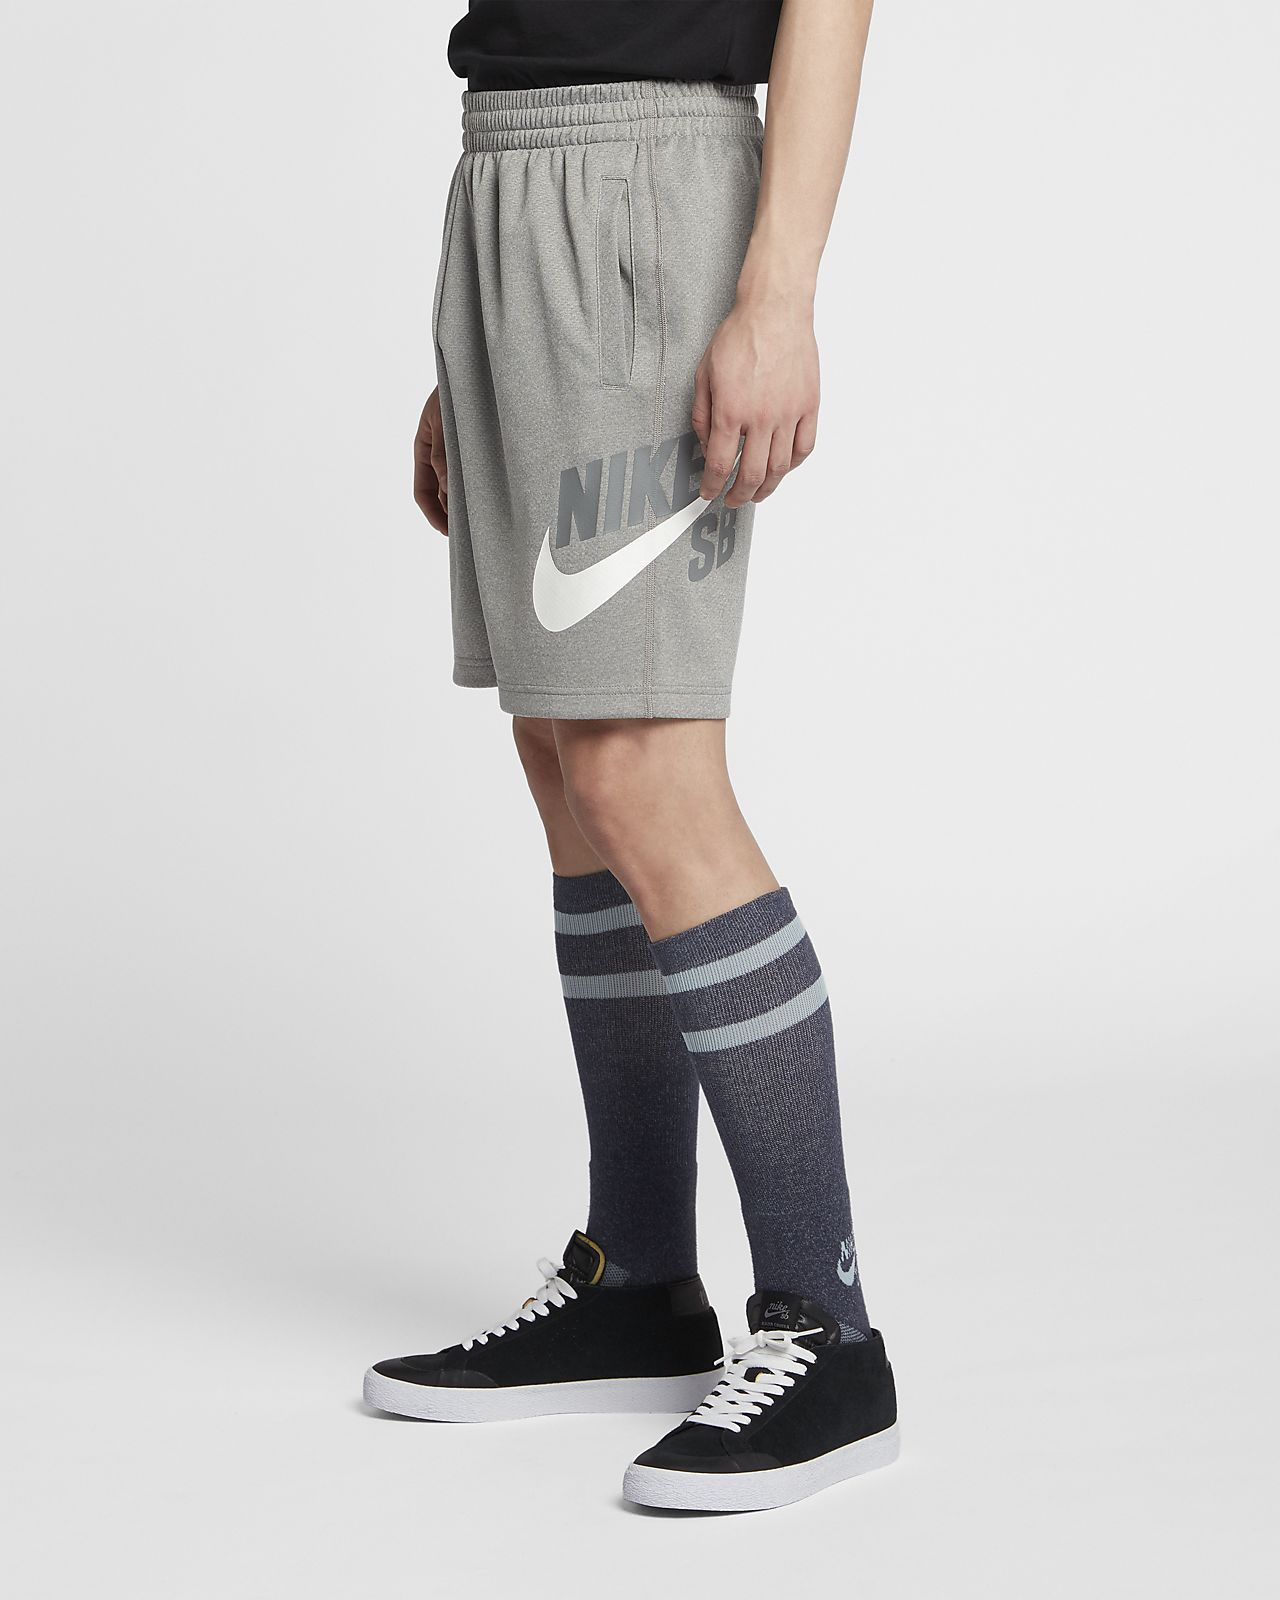 Nike SB Men's Skate Shorts